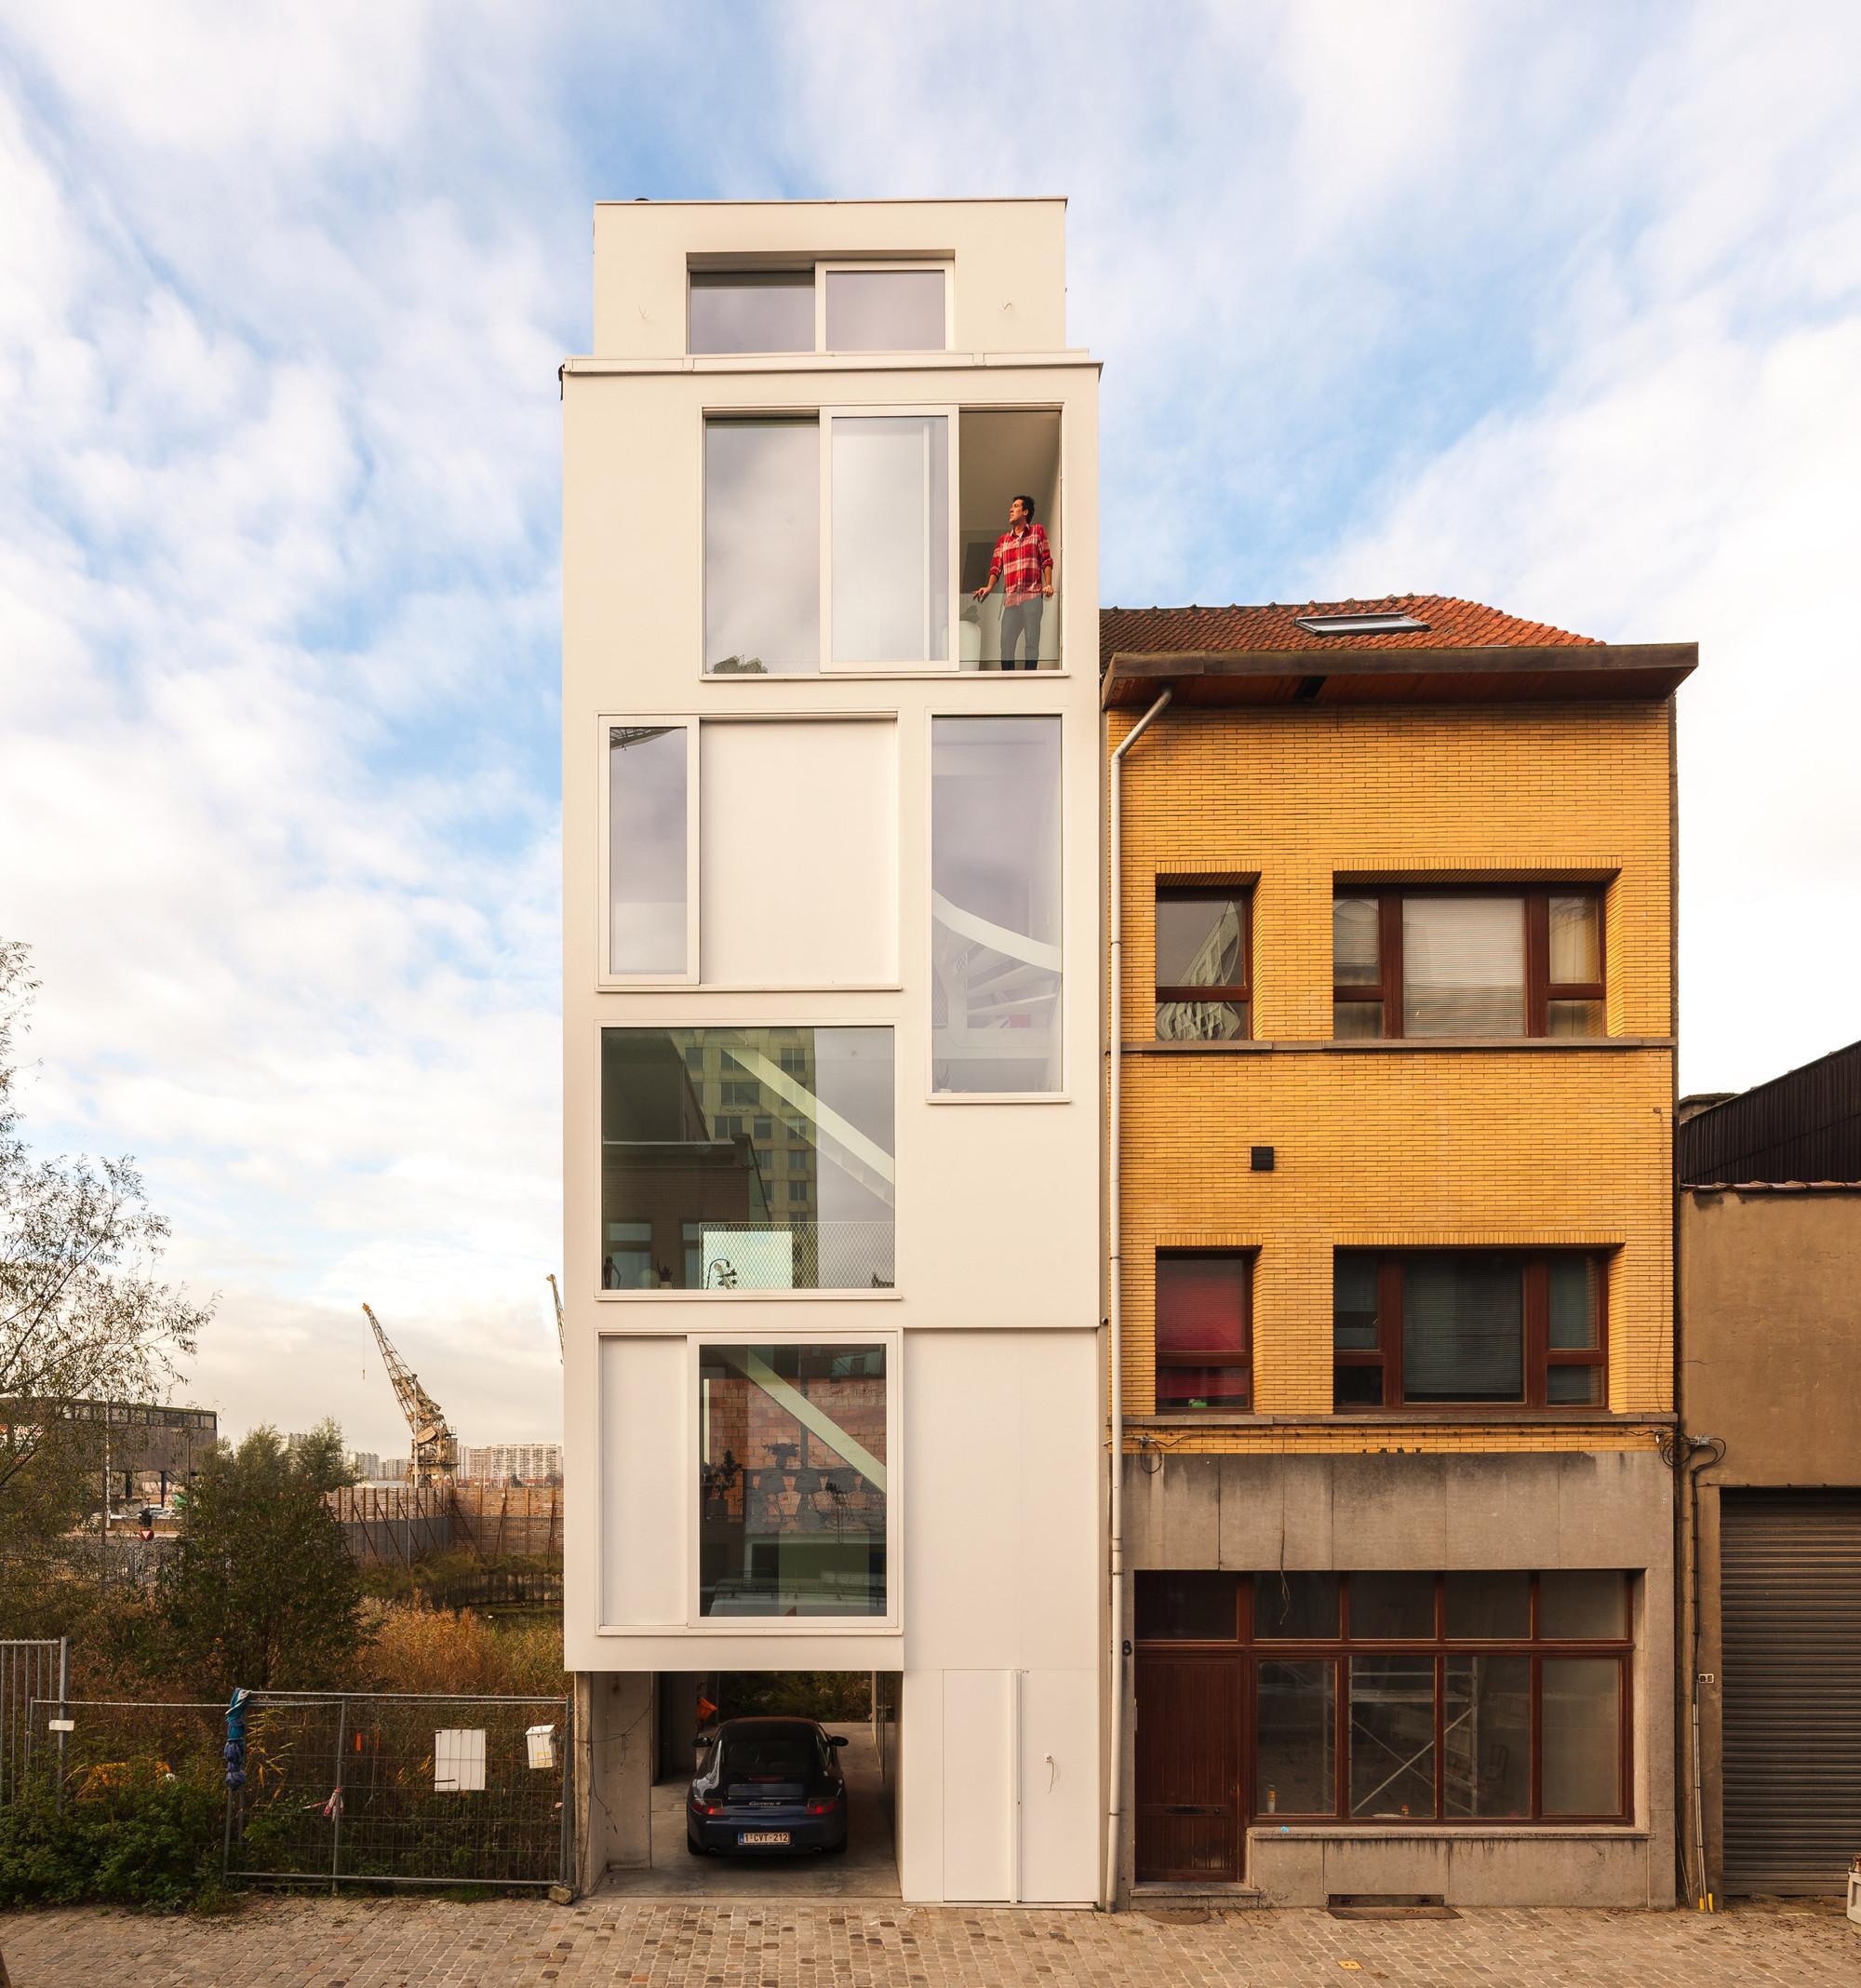 house BRZ / P8 architecten, © Luc Roymans